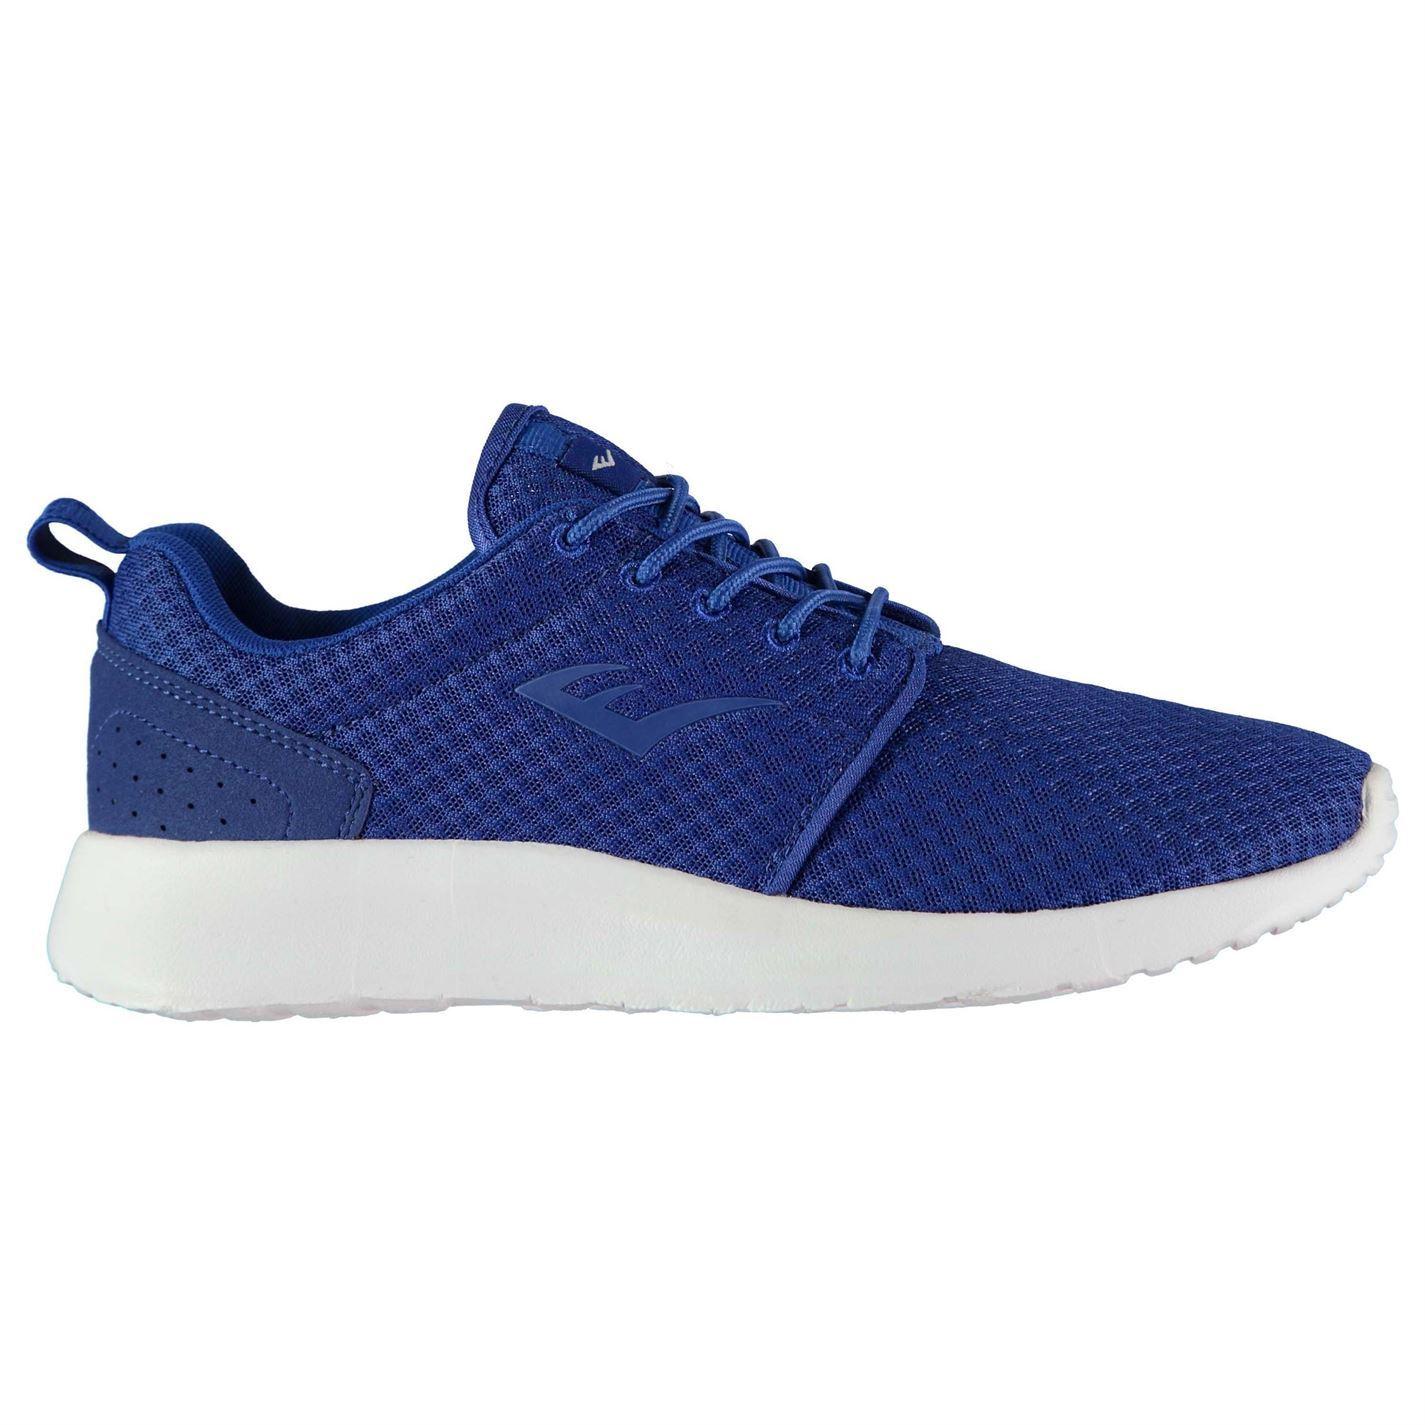 Original Schuhe Everlast Sensei Run Trainer Herren Royal Sport Schuhe Sneakers